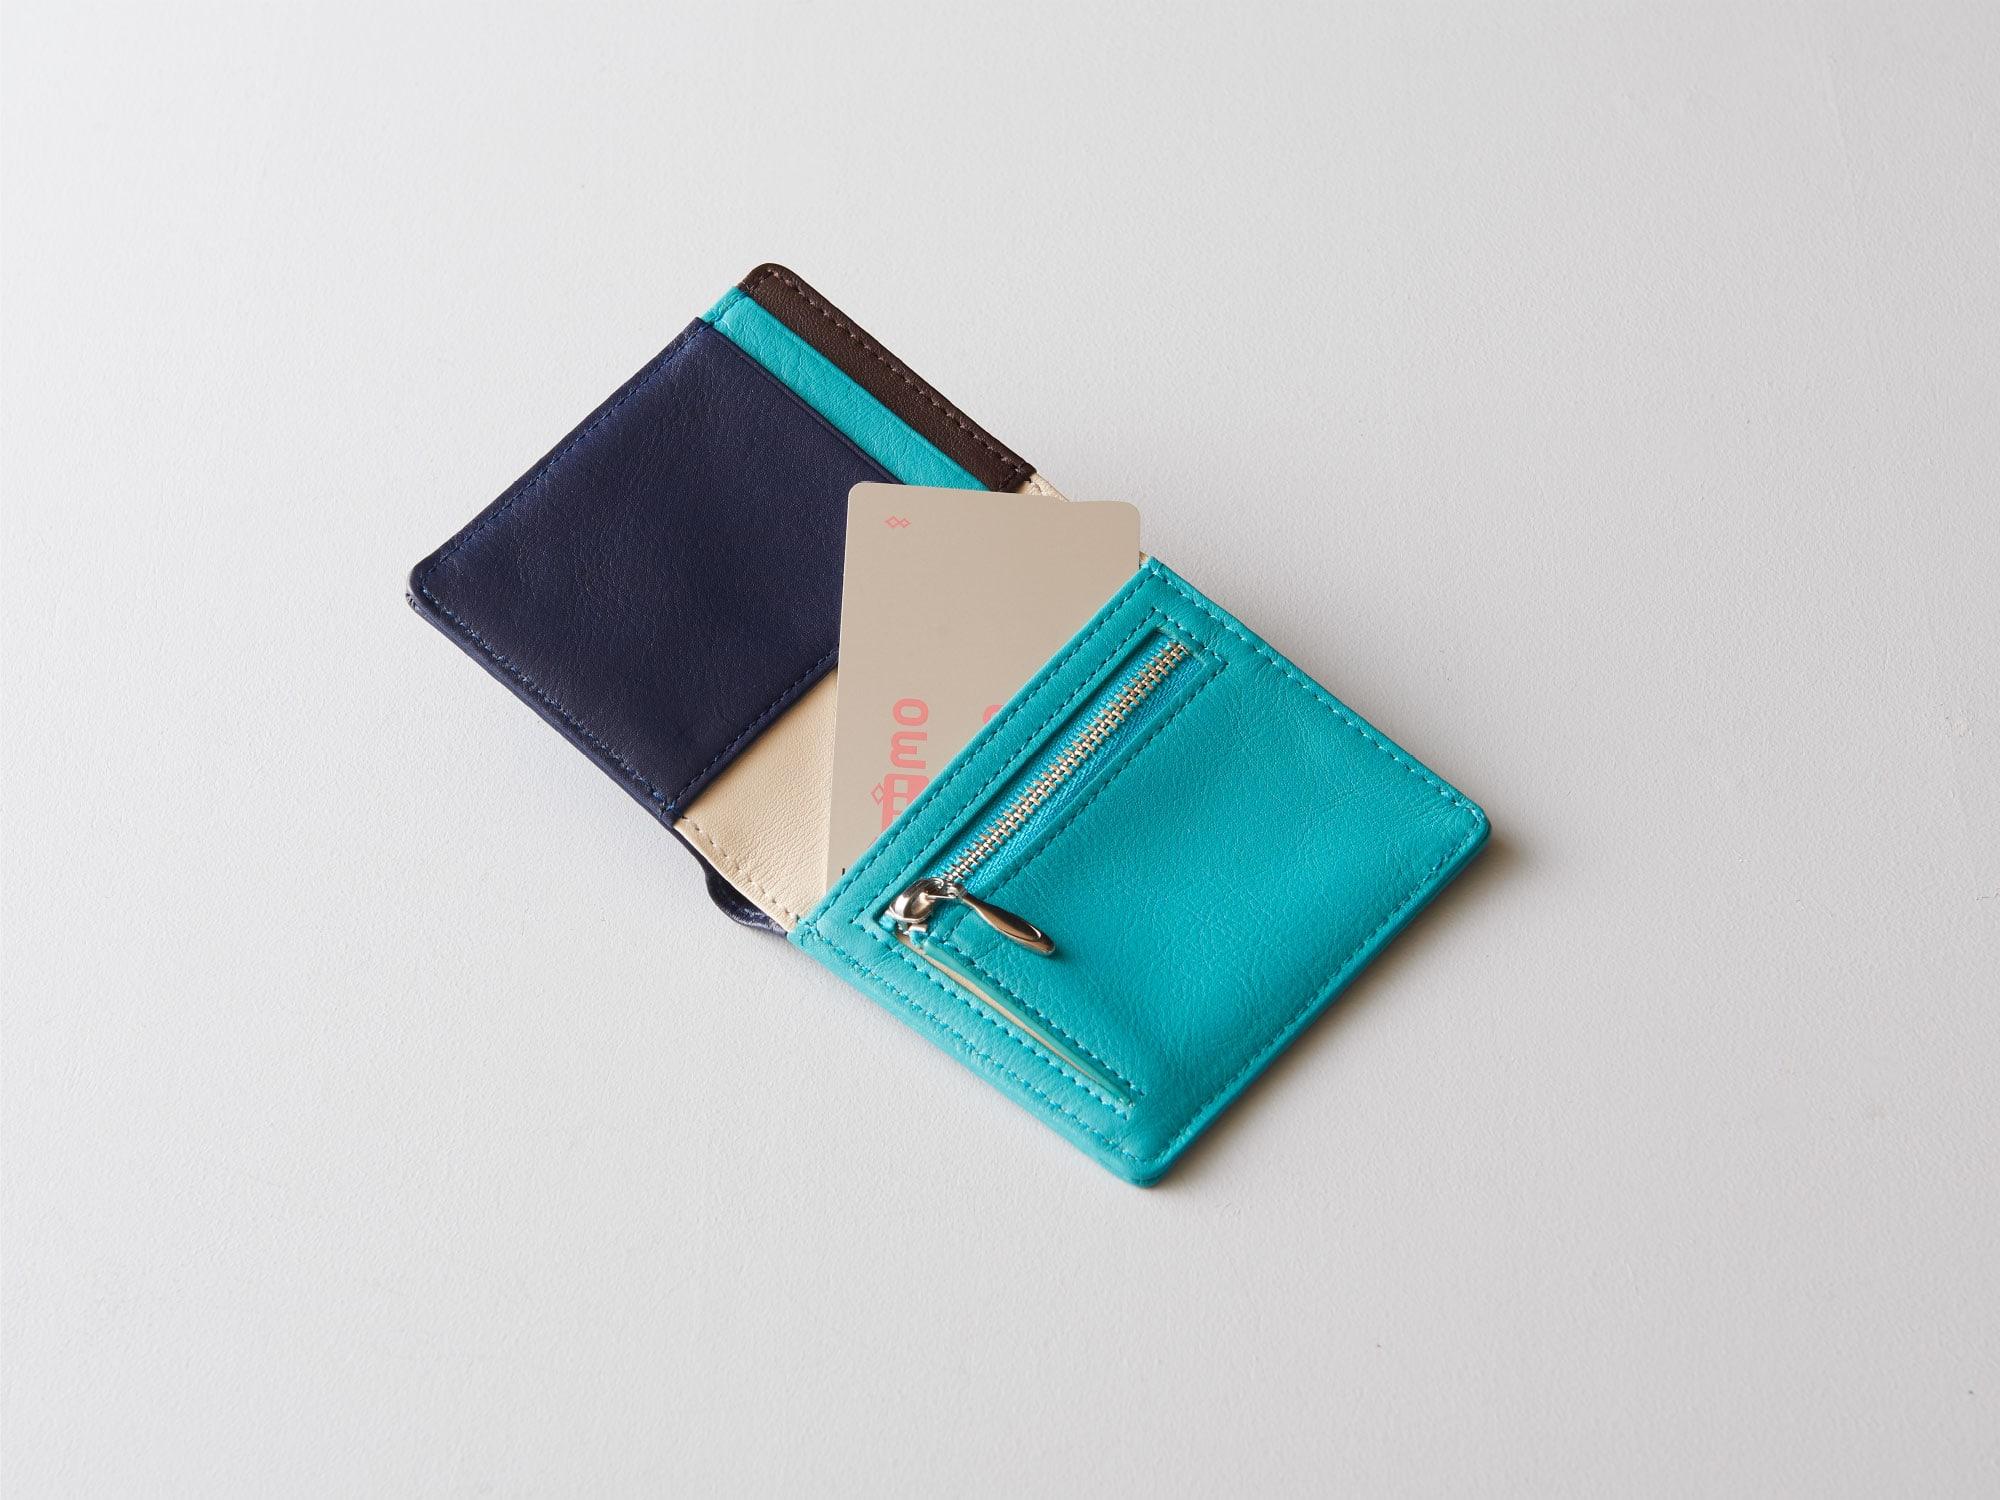 新商品「二つ折りミニ財布」究極の薄さを実現したミニウォレット発売 image07